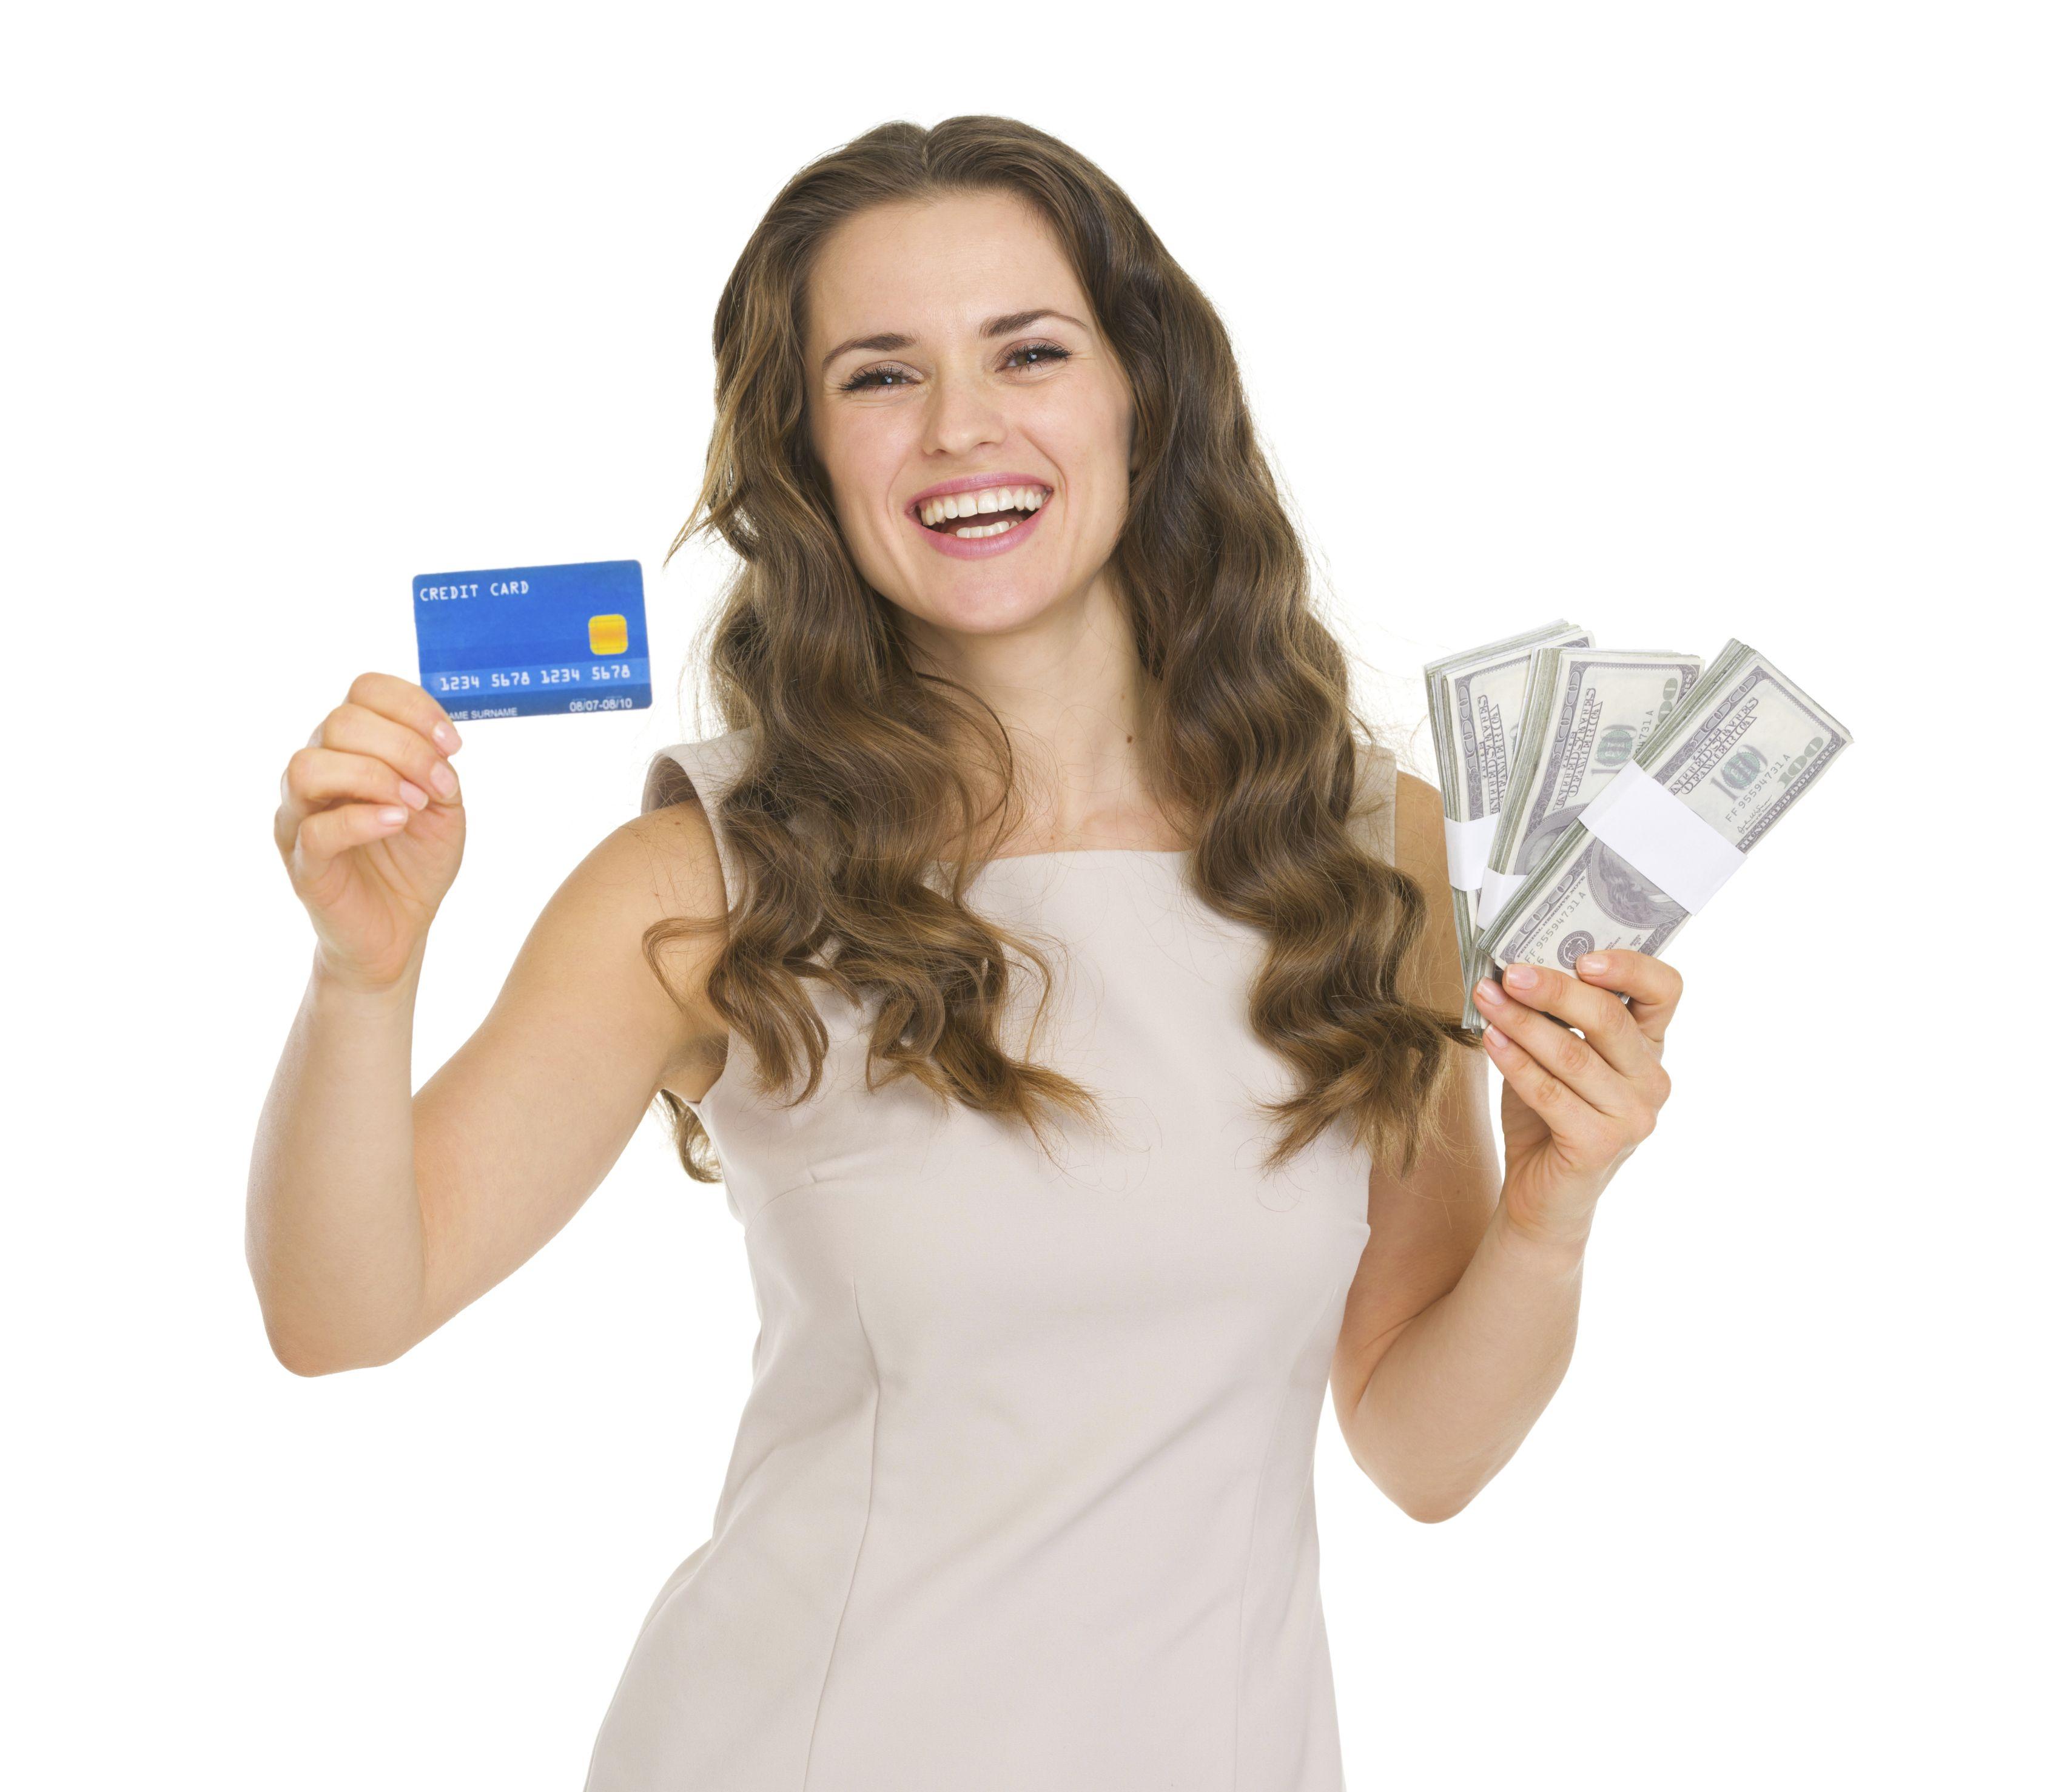 Payday loan oshkosh image 2